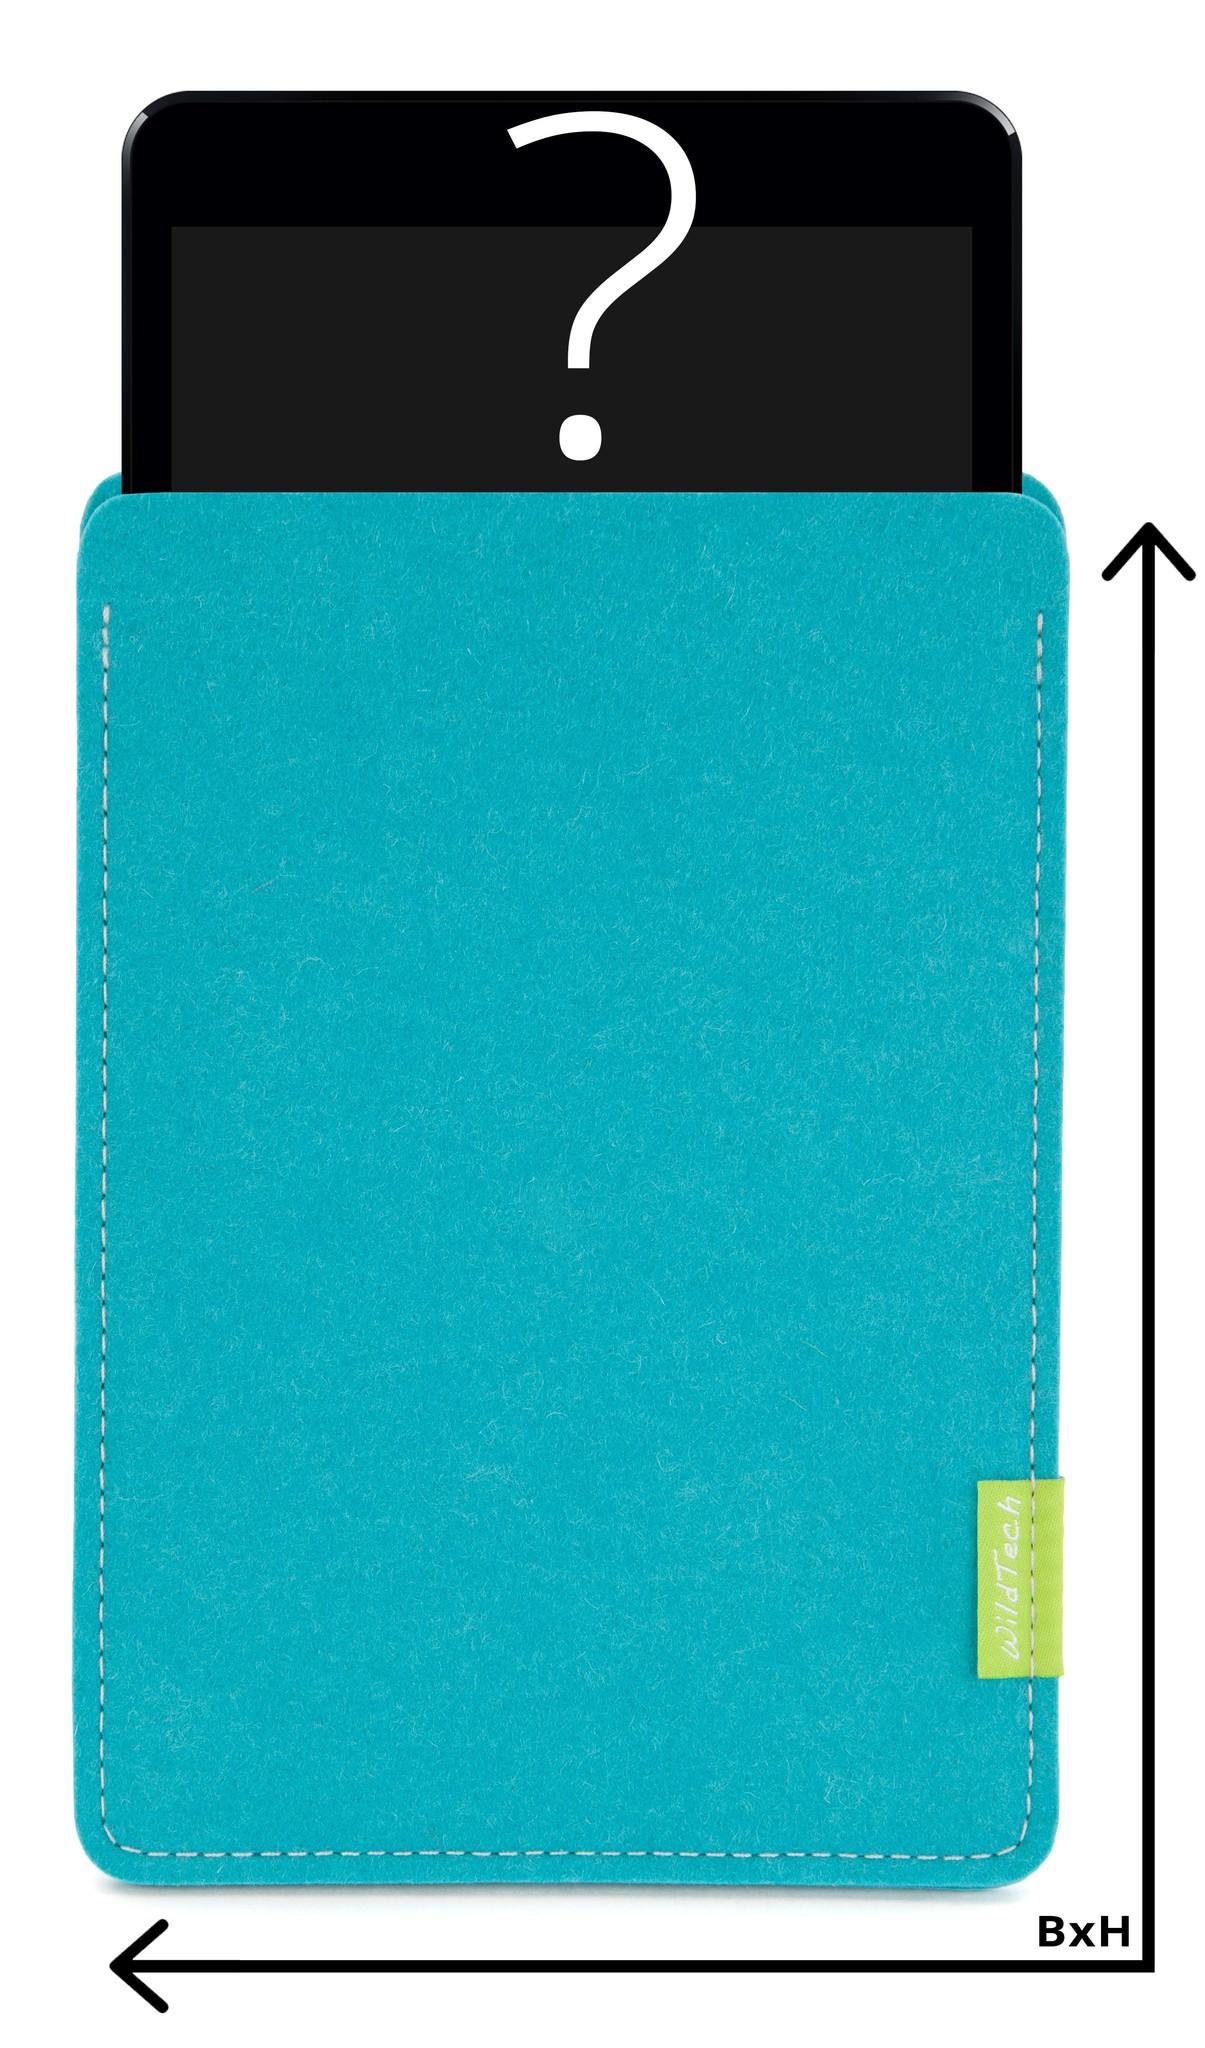 Individuelles Tablet Sleeve Türkis-1